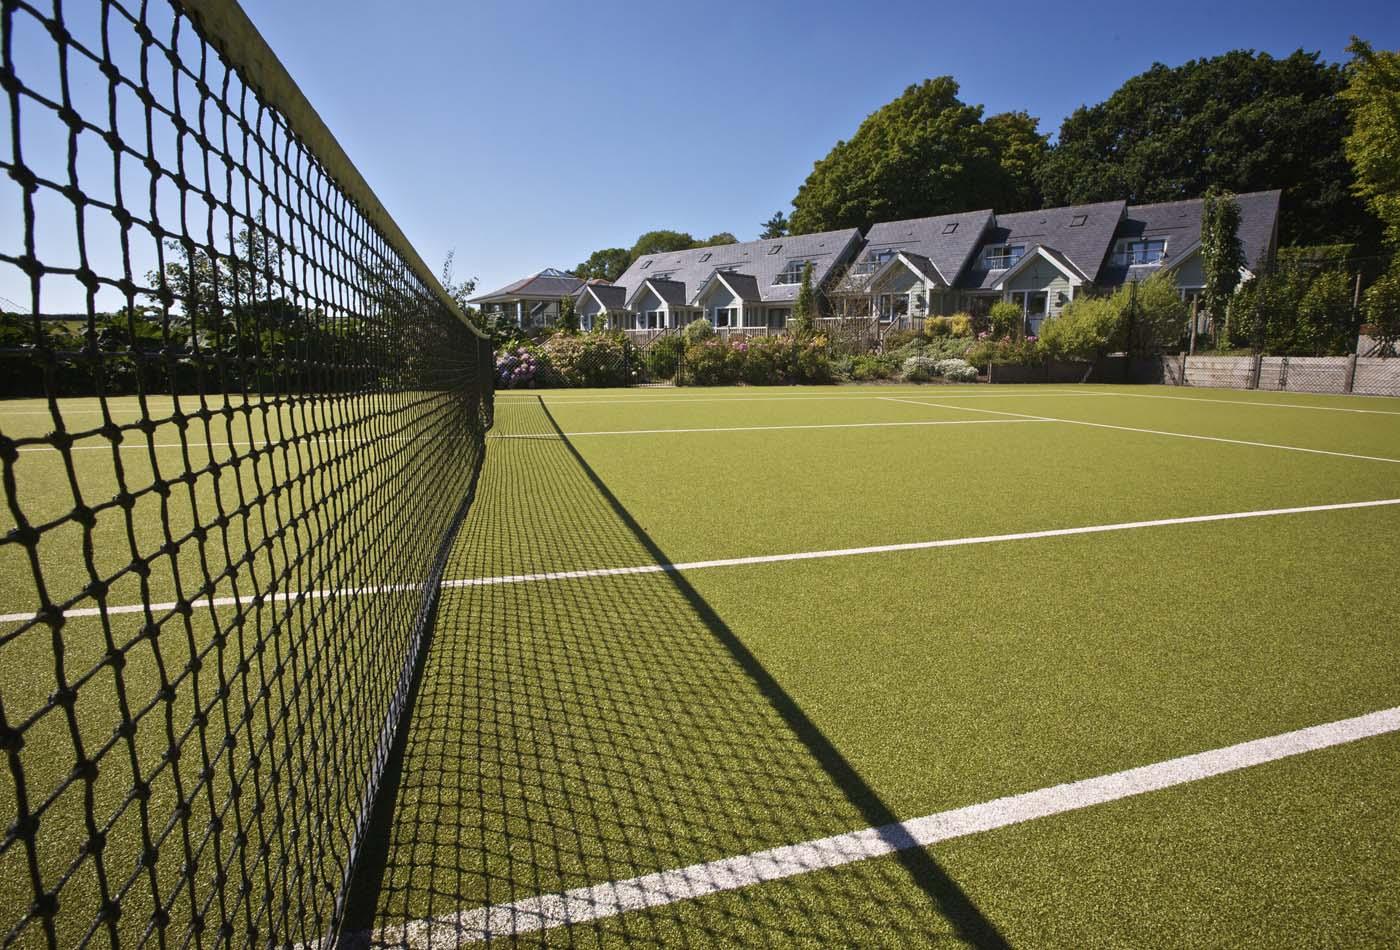 Hillfield Village - tennis court and Court Cottages